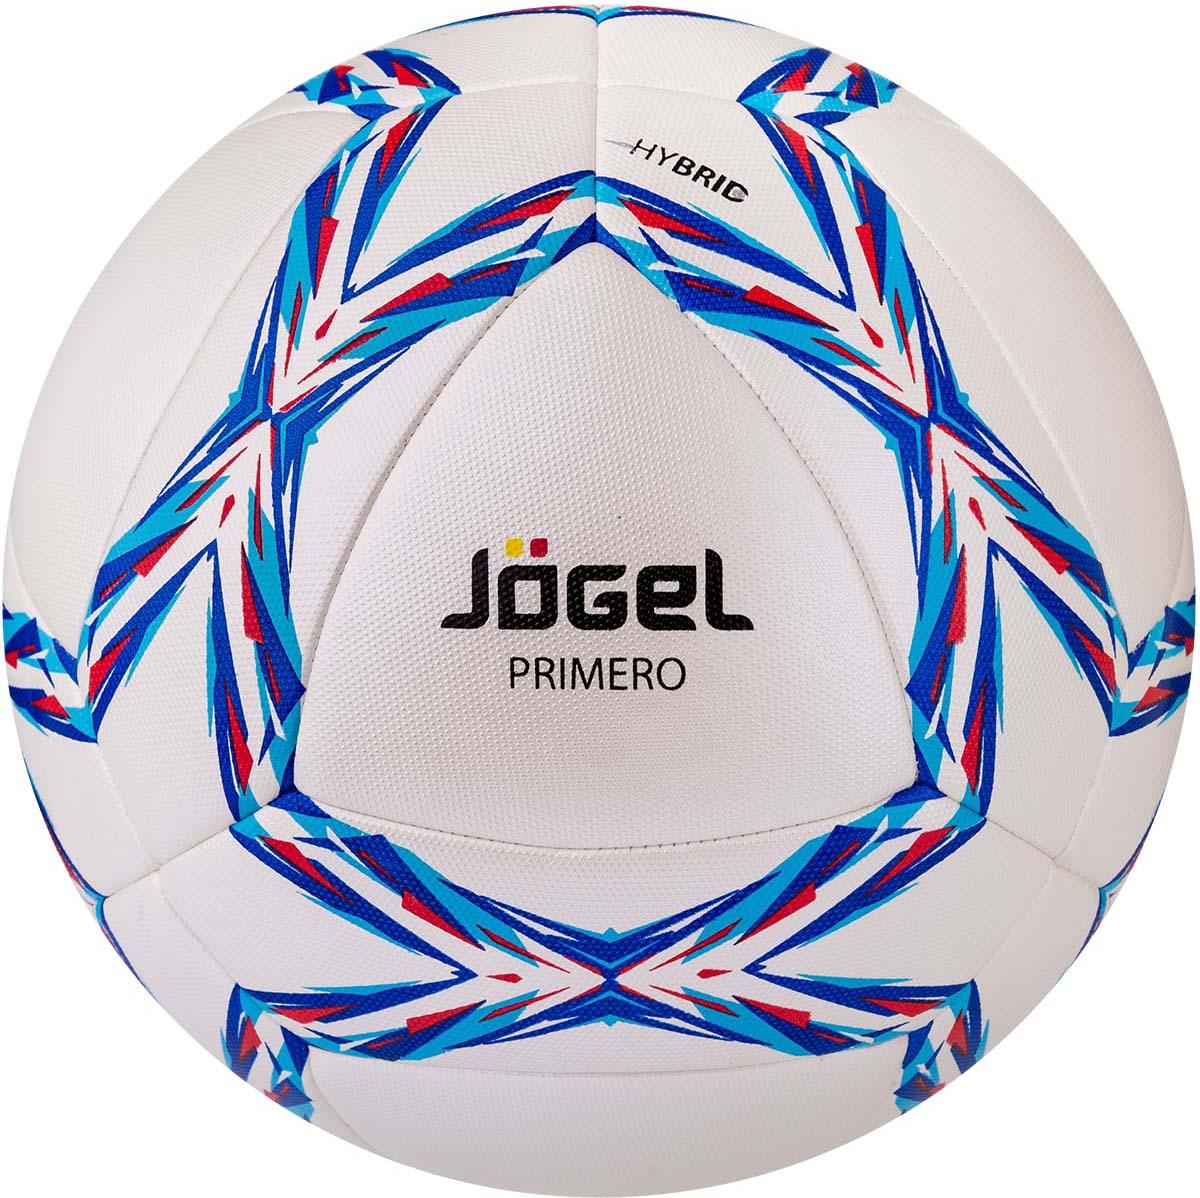 Мяч футбольный Jogel Primero, цвет: голубой, синий, красный. Размер 5. JS-910